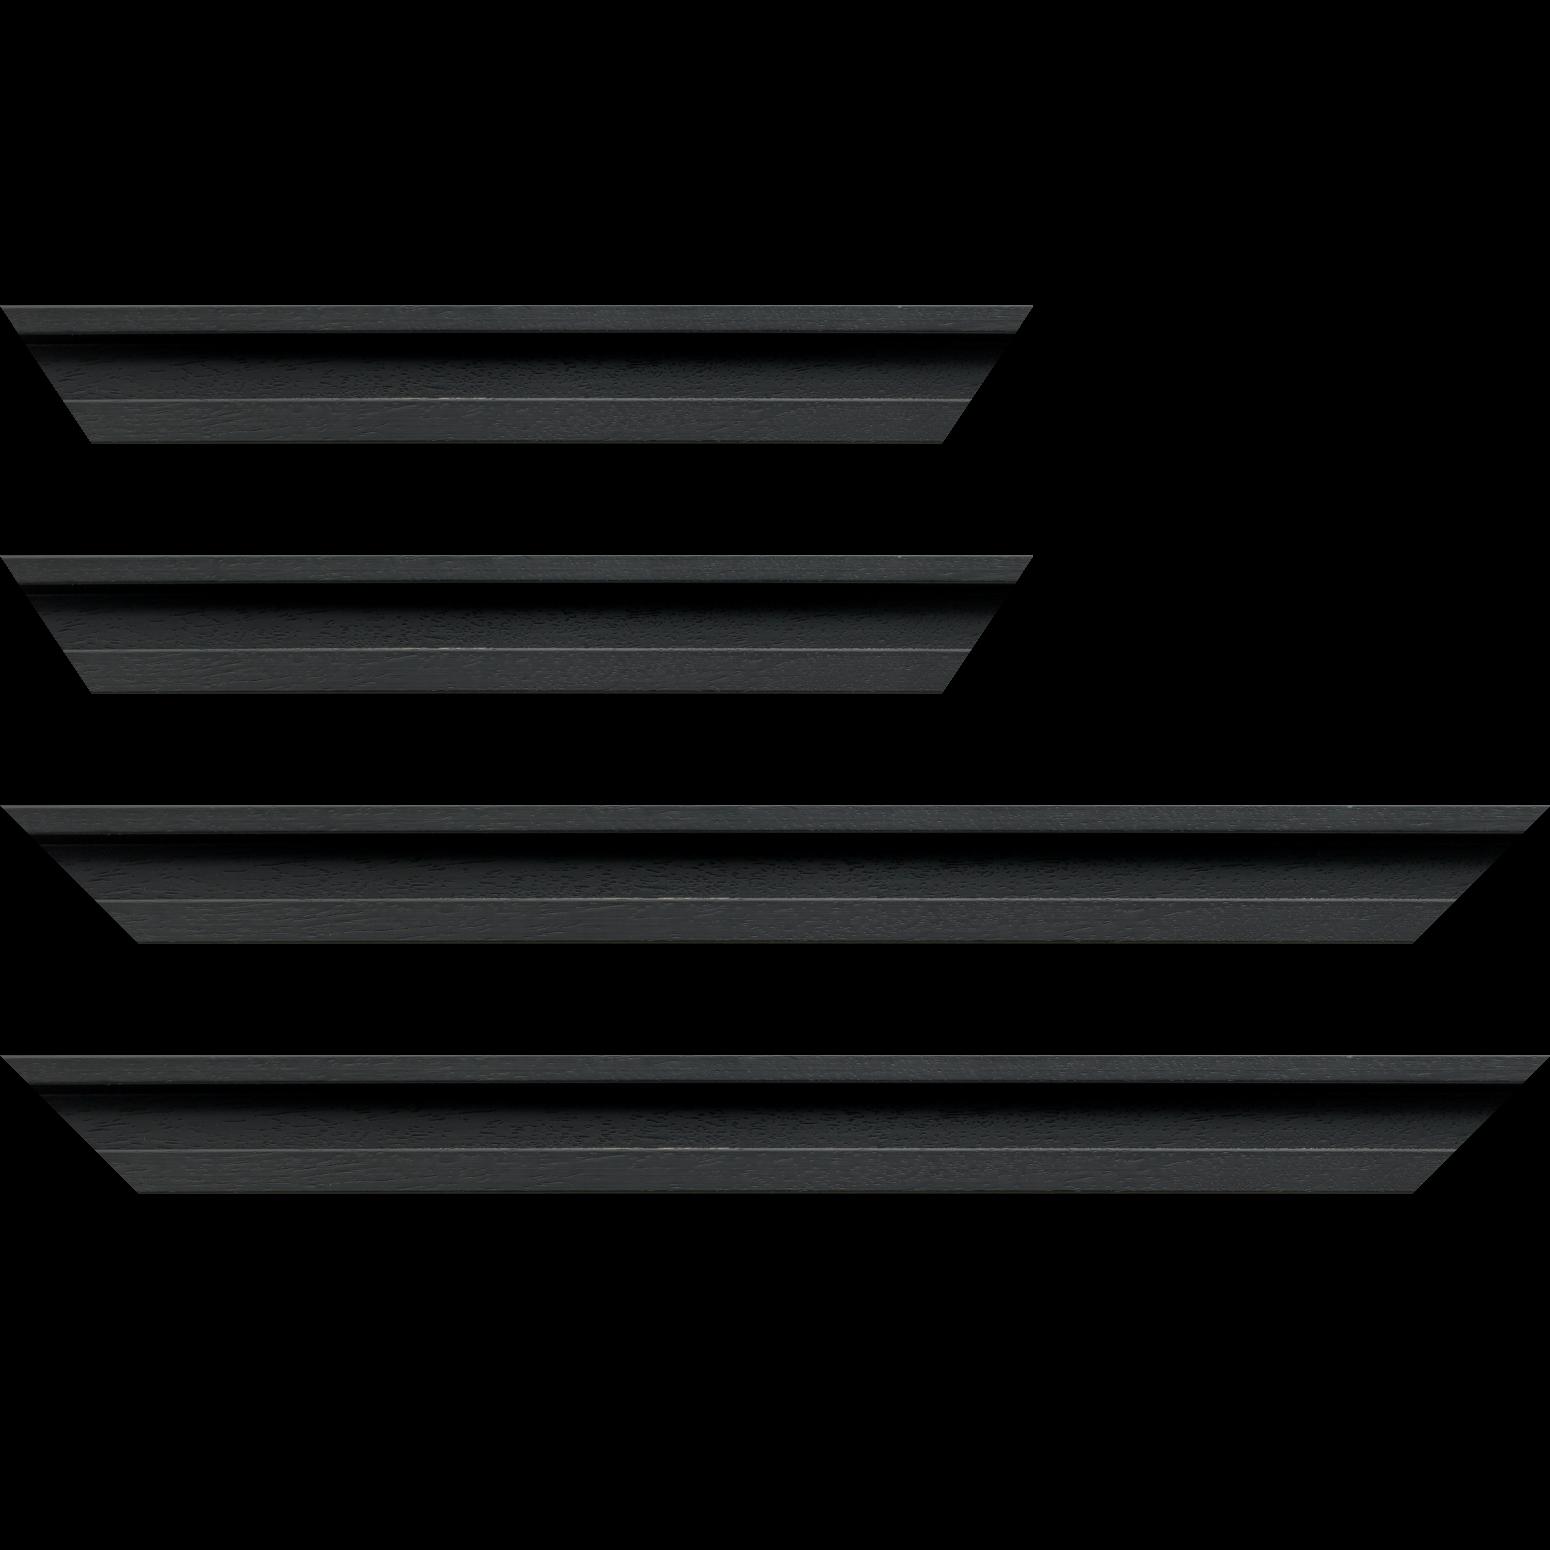 Baguette service précoupé Bois caisse américaine largeur 4.5cm noir satiné (spécialement conçu pour les supports rigides ne nécessitant pas de protection plexi ou autre :  aluminium, dibon , pvc etc...le sujet se  colle sur le nez de feuillure du cadre ) profil en U